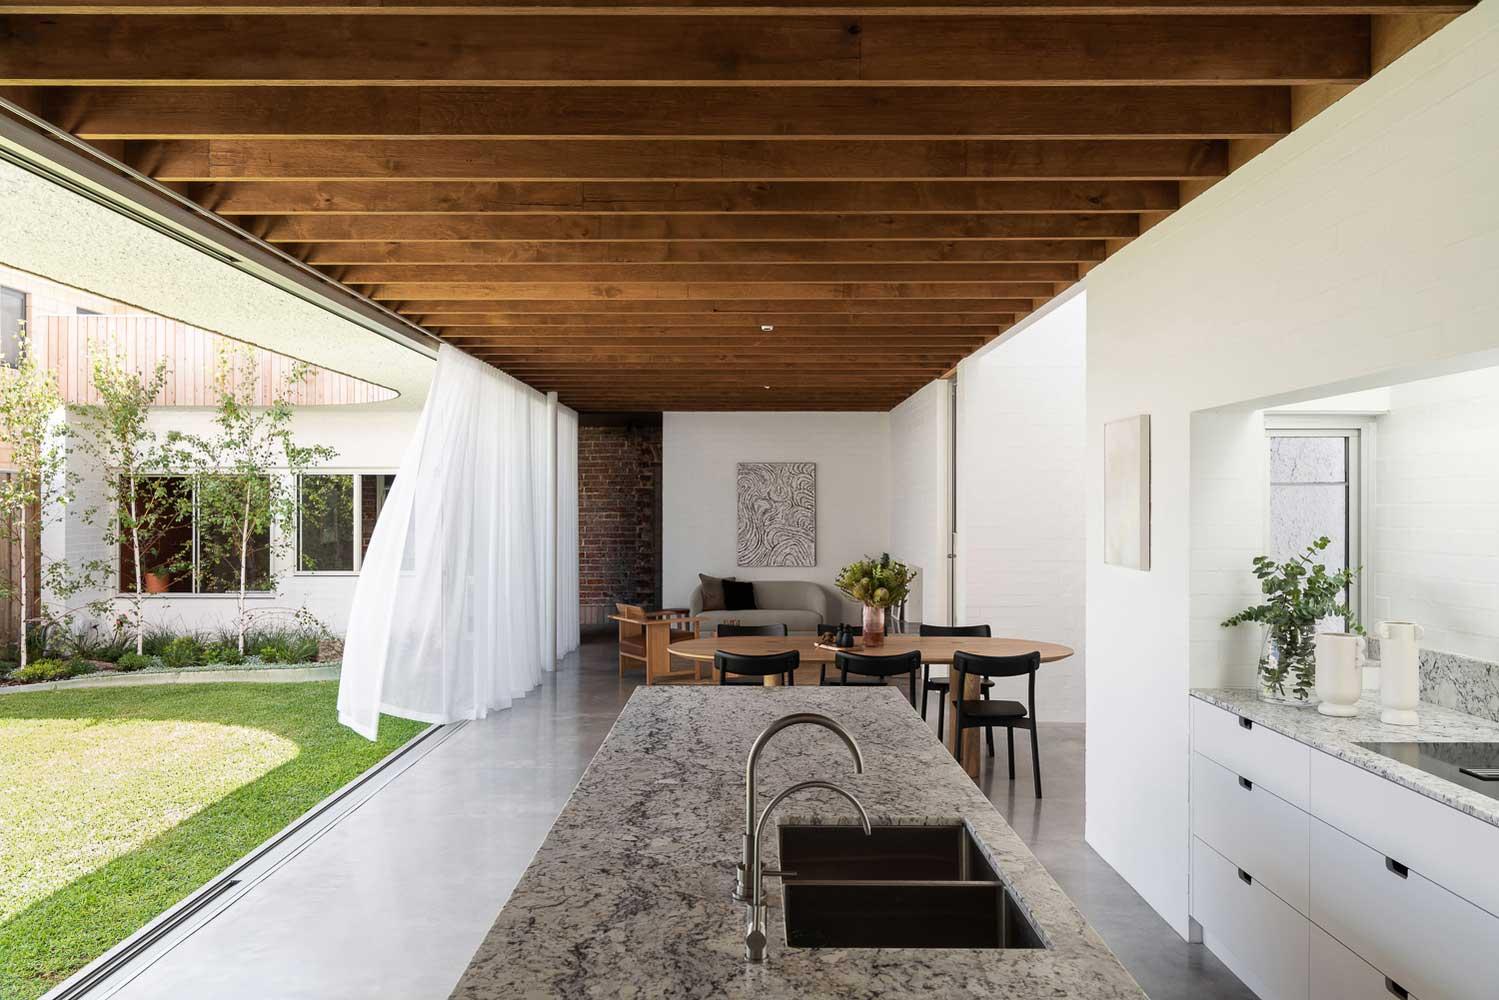 интерьер столовой в частном доме